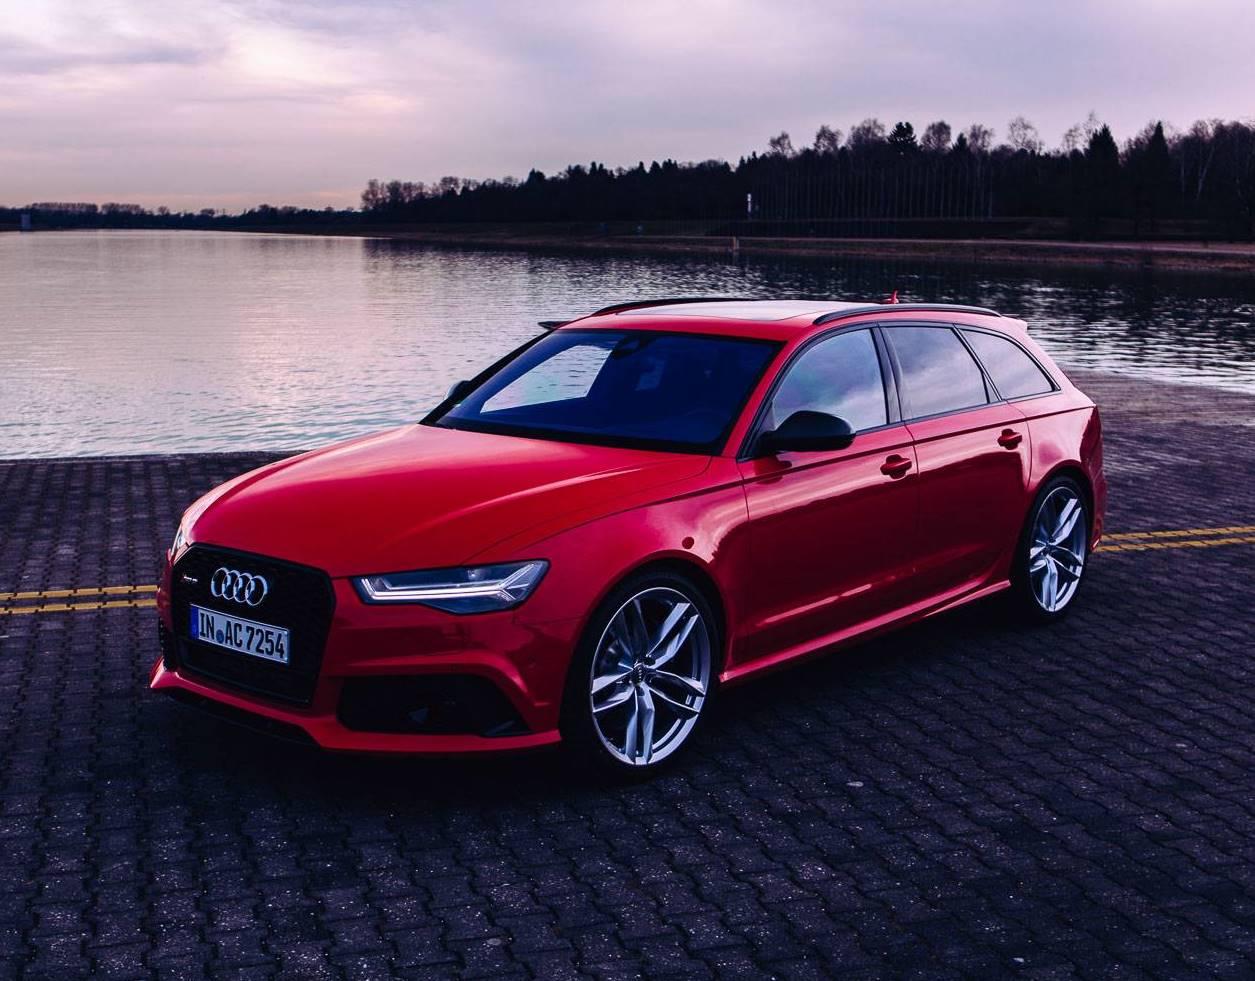 Kelebihan Audi Rs6 2016 Review